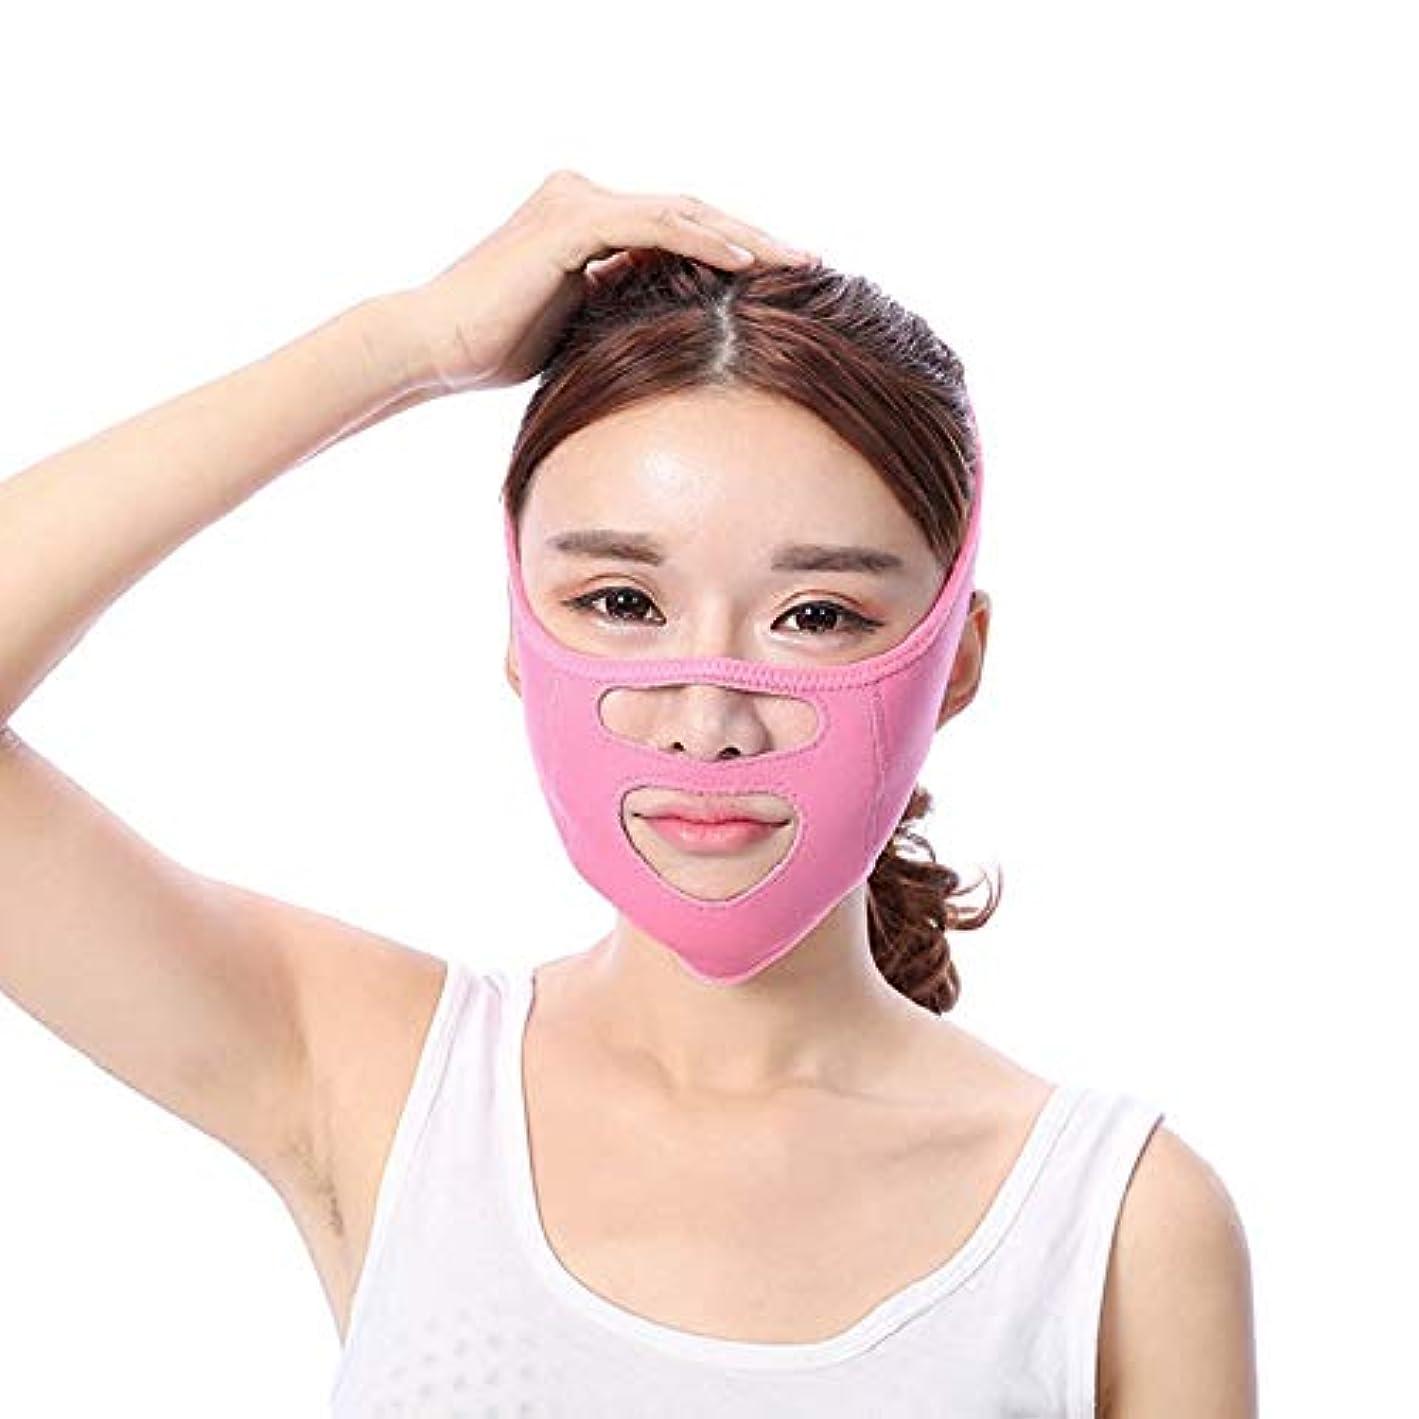 報復するこれまでプラカードJia Jia- 顔の持ち上がる痩身ベルト - あなたの顔のための素晴らしいトレーニング二重あごのワークアウトフェイスマスクベルト薄い顔包帯整形マスクは顔と首を締めますフェイススリム 顔面包帯